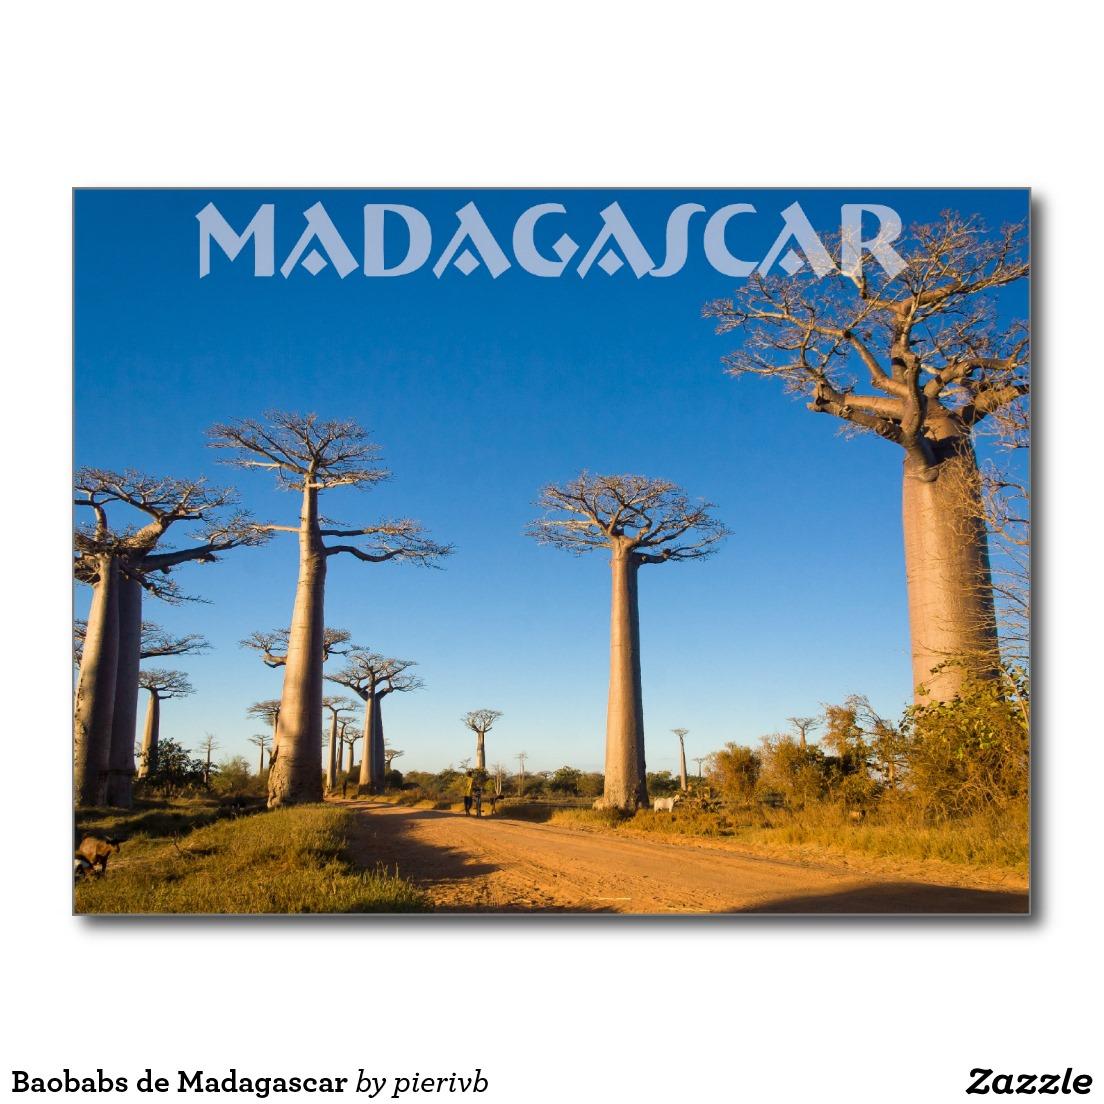 baobabs_de_madagascar_cartes_postales-rcdd97c71a020417f8ef47f0e28512f5a_vgbaq_8byvr_1024-1461751715.jpg